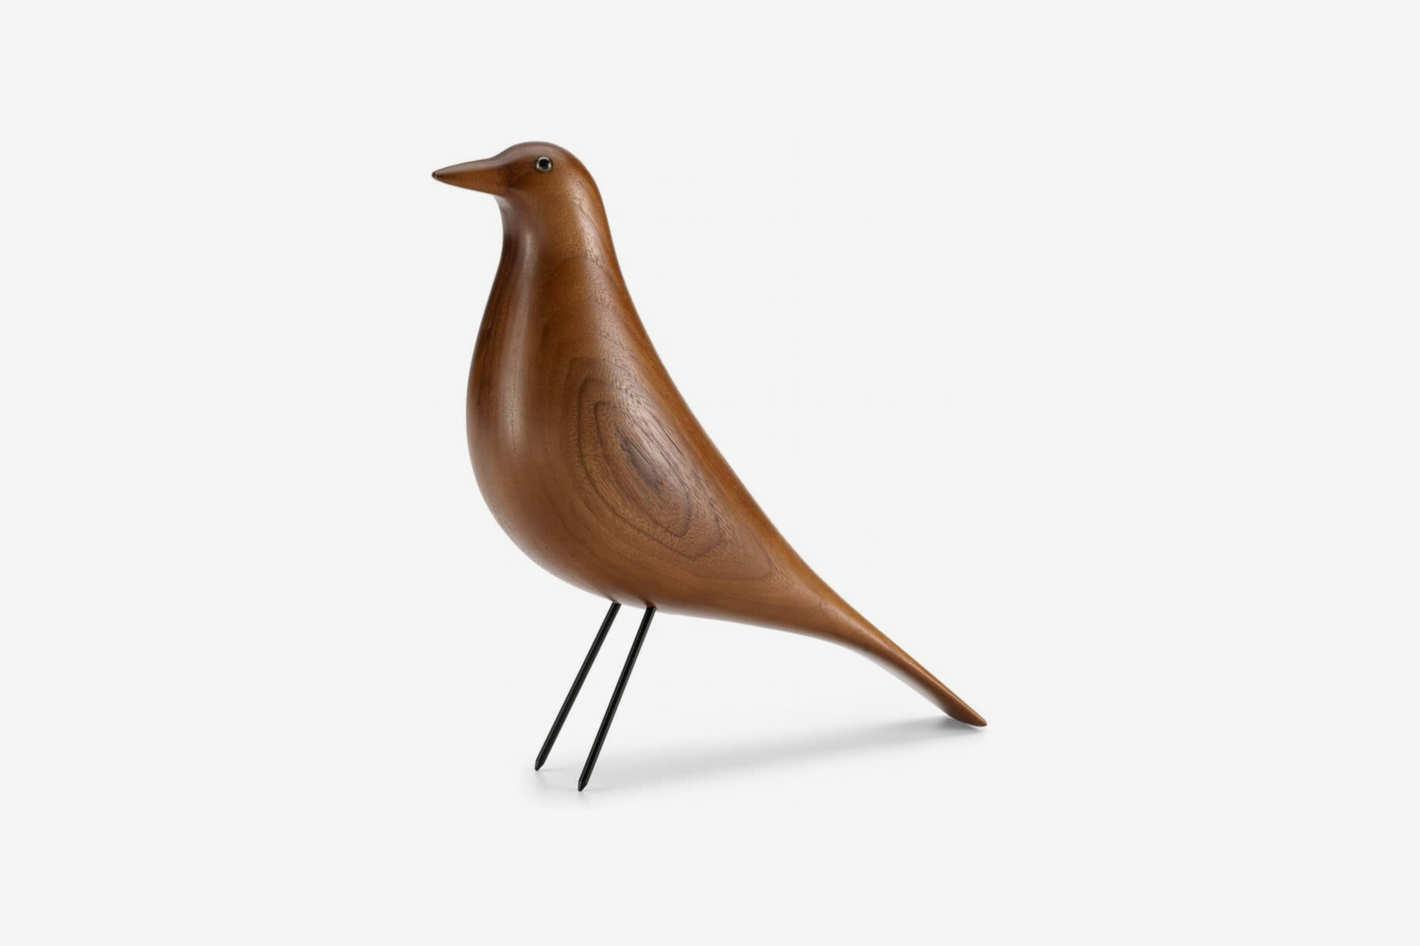 Vitra Eames Walnut Wood House Bird